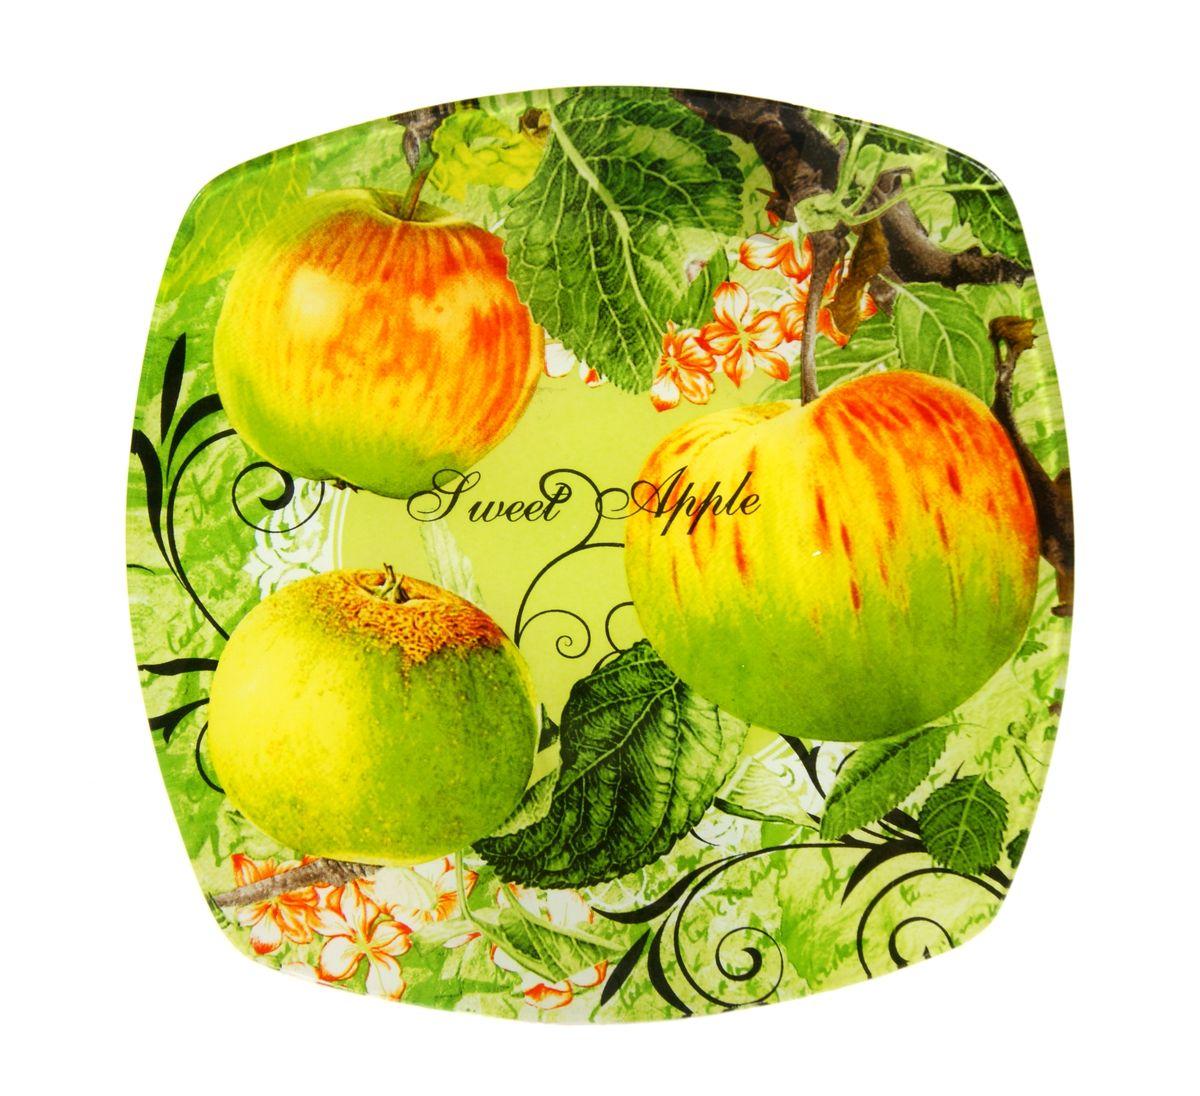 Тарелка Zibo Shelley Райские яблочки, 19,5 см х 19,5 смZSPA350008Тарелка Zibo Shelley Райские яблочки изготовлена из высококачественного стекла. Предназначена для красивой подачи различных блюд. Изделие декорировано оригинальной яркой картинкой. Такая тарелка украсит сервировку стола и подчеркнет прекрасный вкус хозяйки. Можно мыть в посудомоечной машине. Размер изделия (по верхнему краю): 19,5 см х 19,5 см. Высота изделия: 2 см.